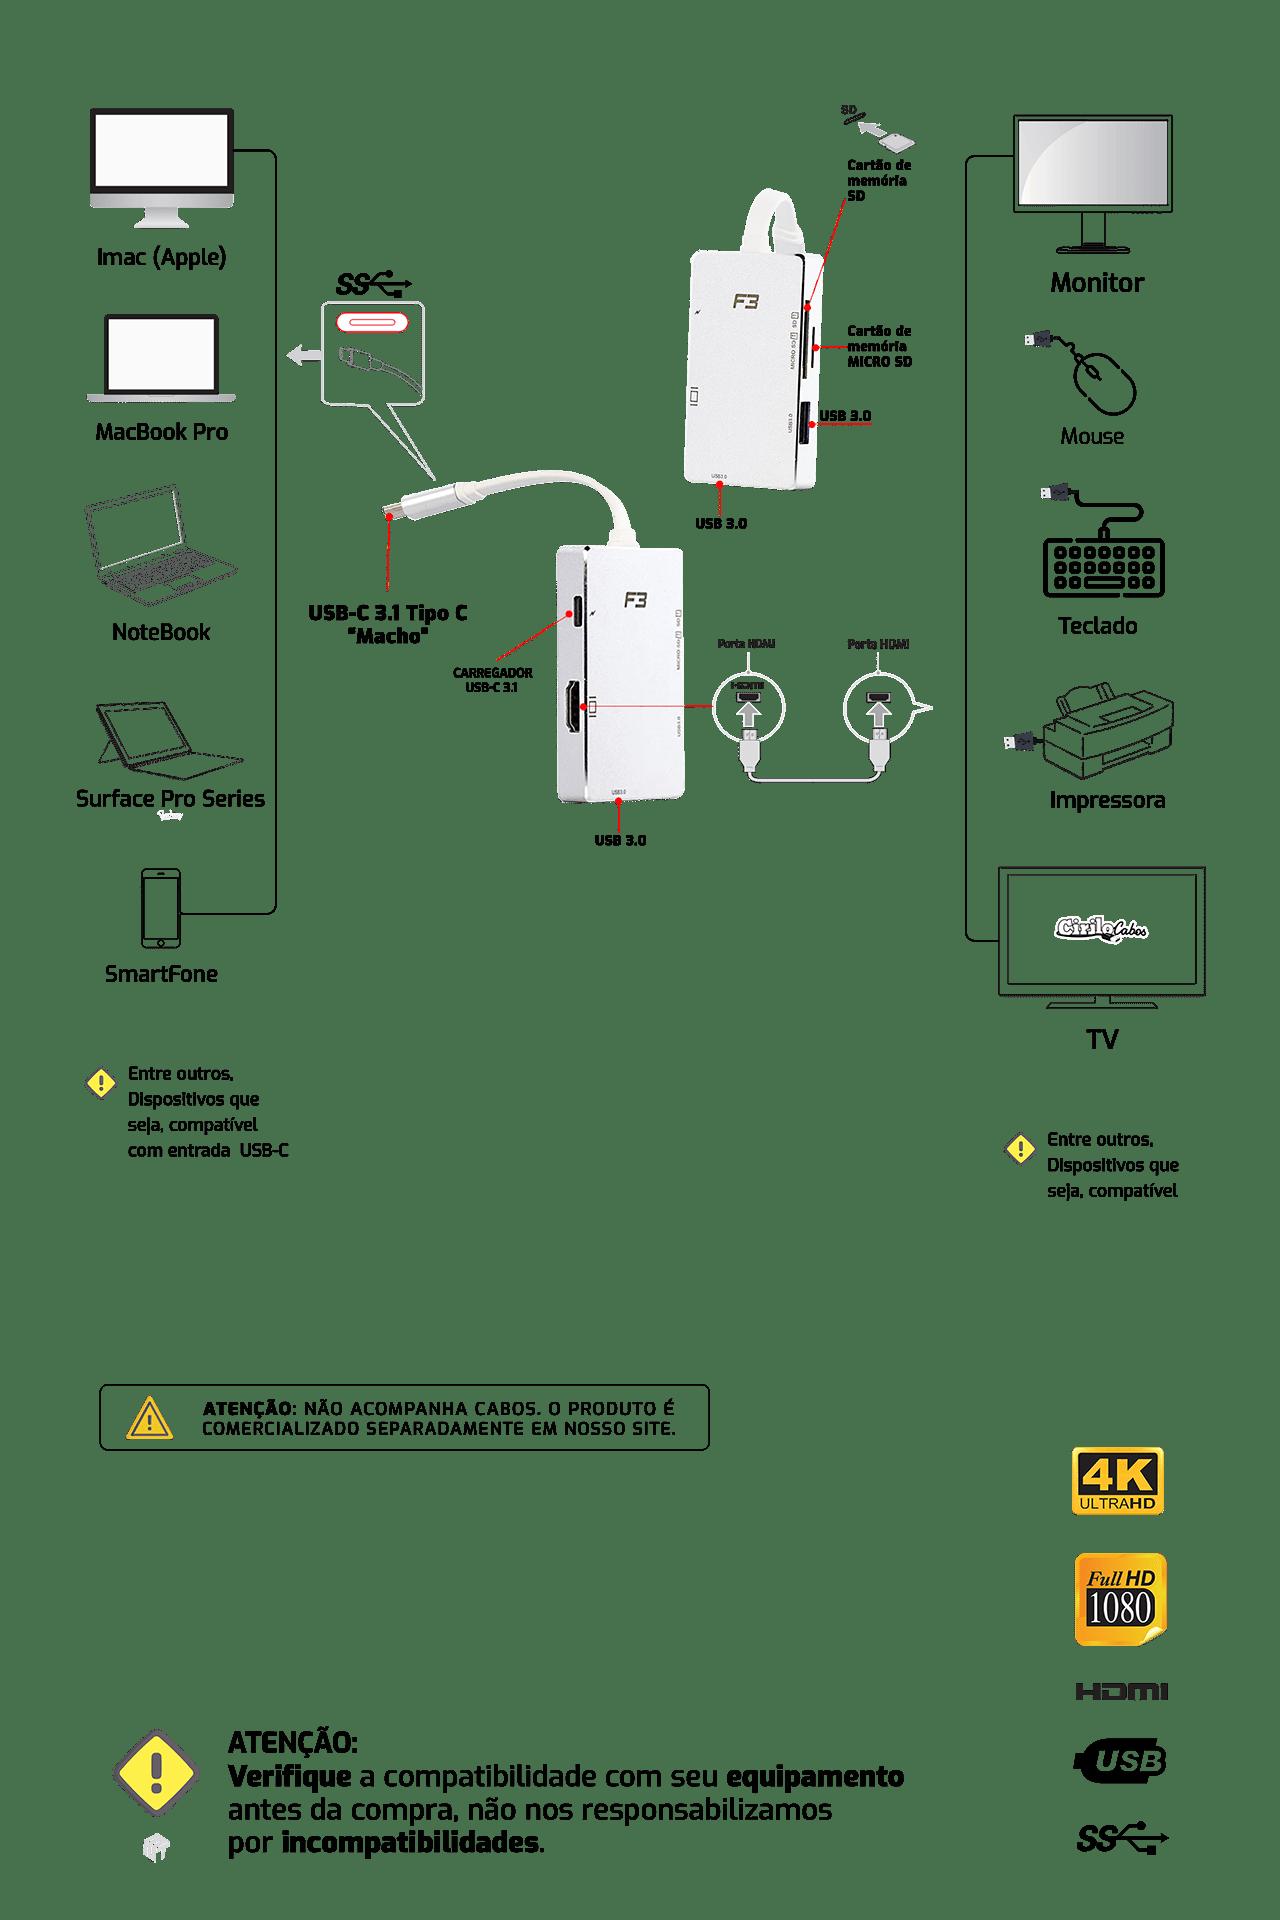 Adaptador USB Tipo C 3.1 para HDMI 4K - USB-C, SD e 2 USB 3.0